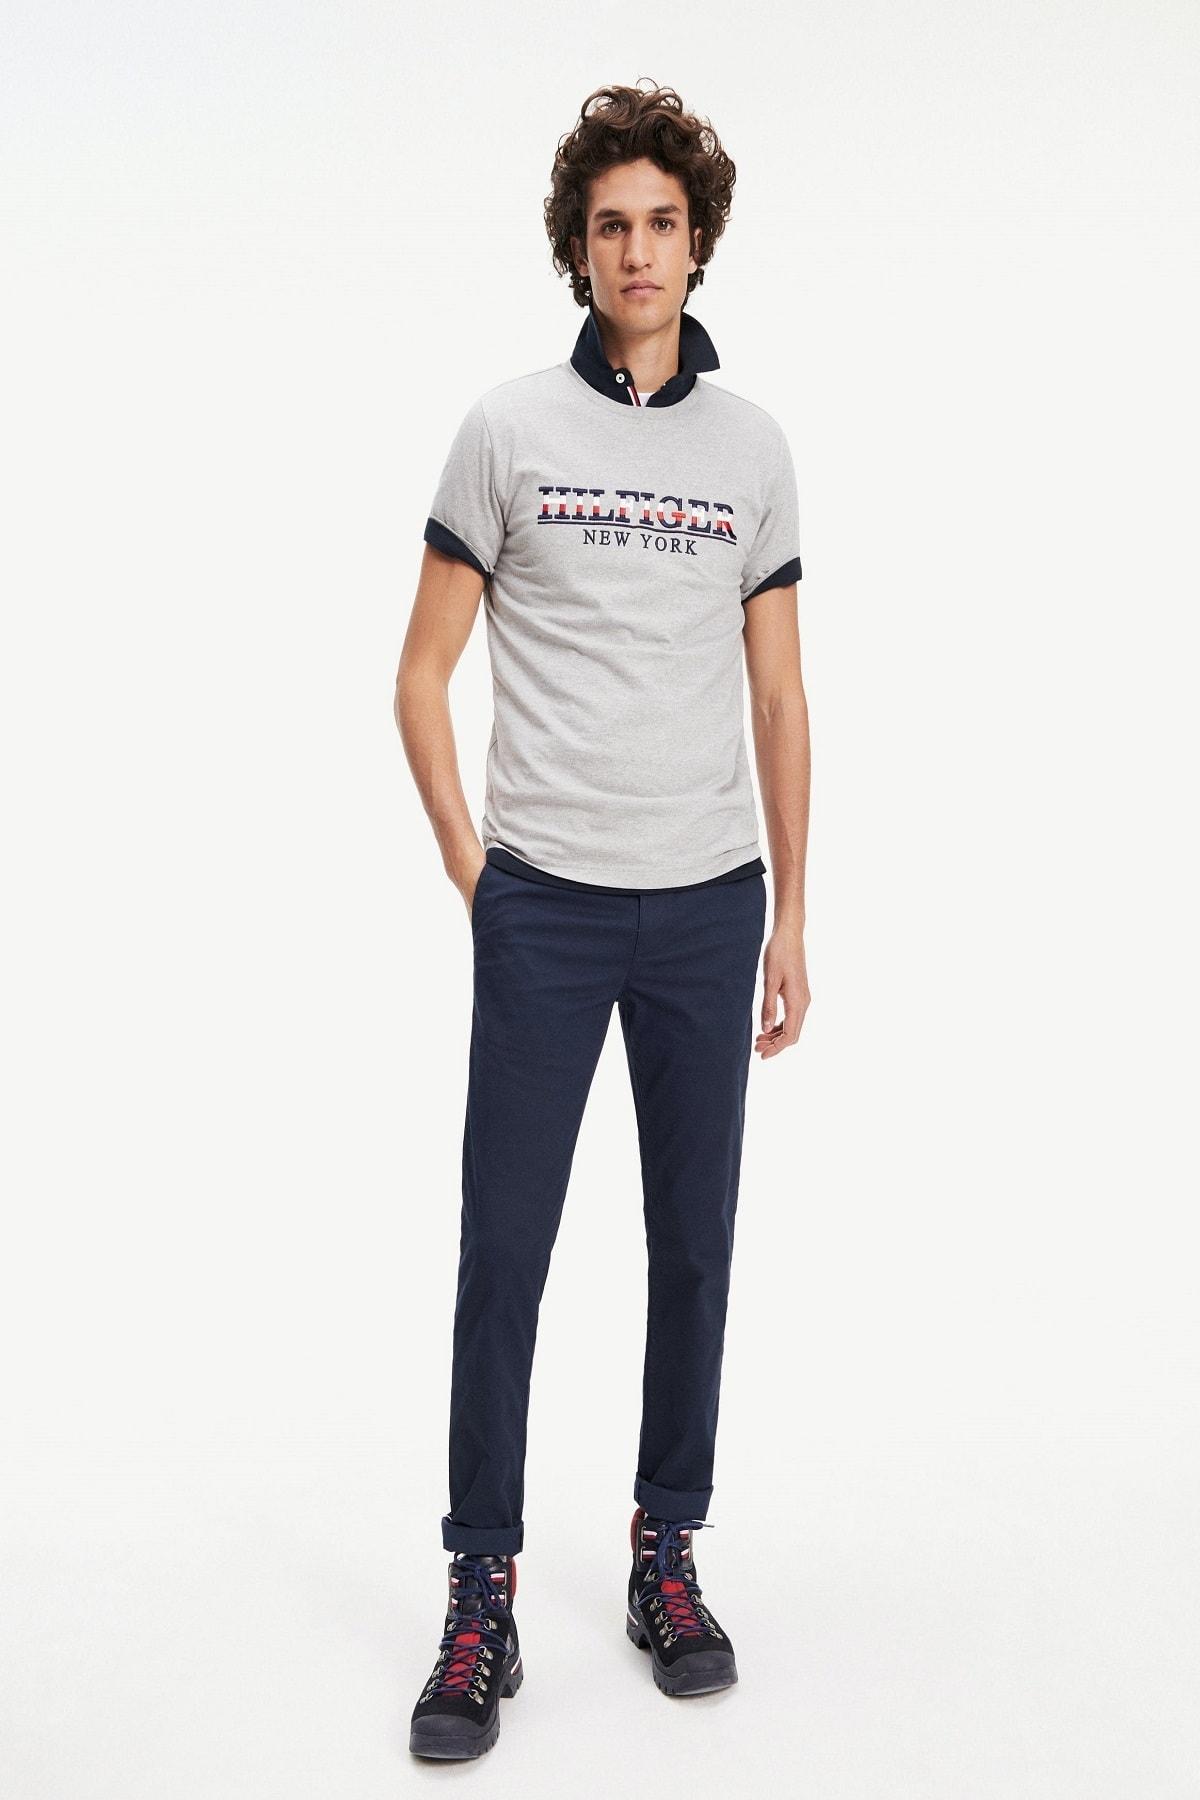 Tommy Hilfiger Erkek Gri Strike Through T-shirt Mw0mw11803 2